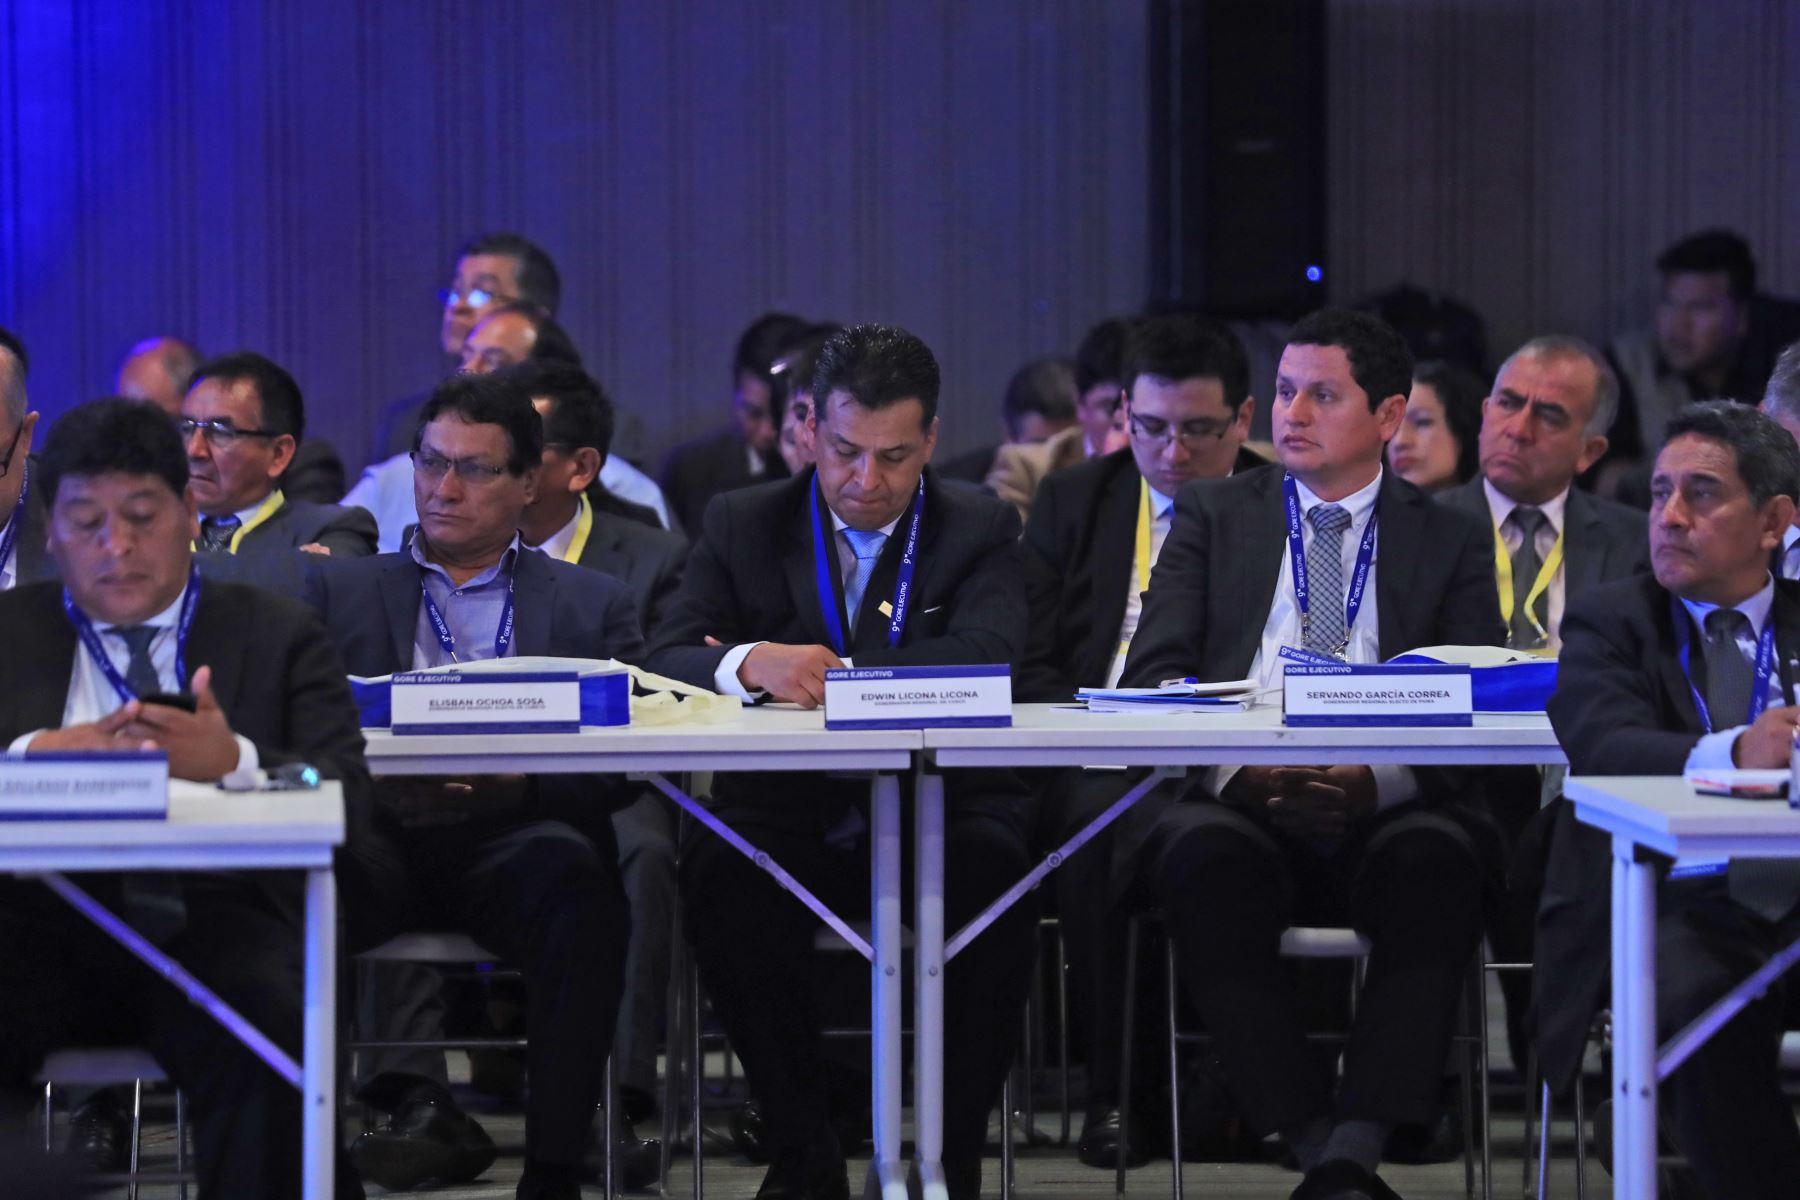 Presidente Vizcarra, junto al Jefe del Gabinete, Cesar Villanueva, dan inicio al Noveno Gore Ejecutivo, que se lleva a cabo en el Centro de Convenciones de Lima. Foto: ANDINA/Prensa Presidencia